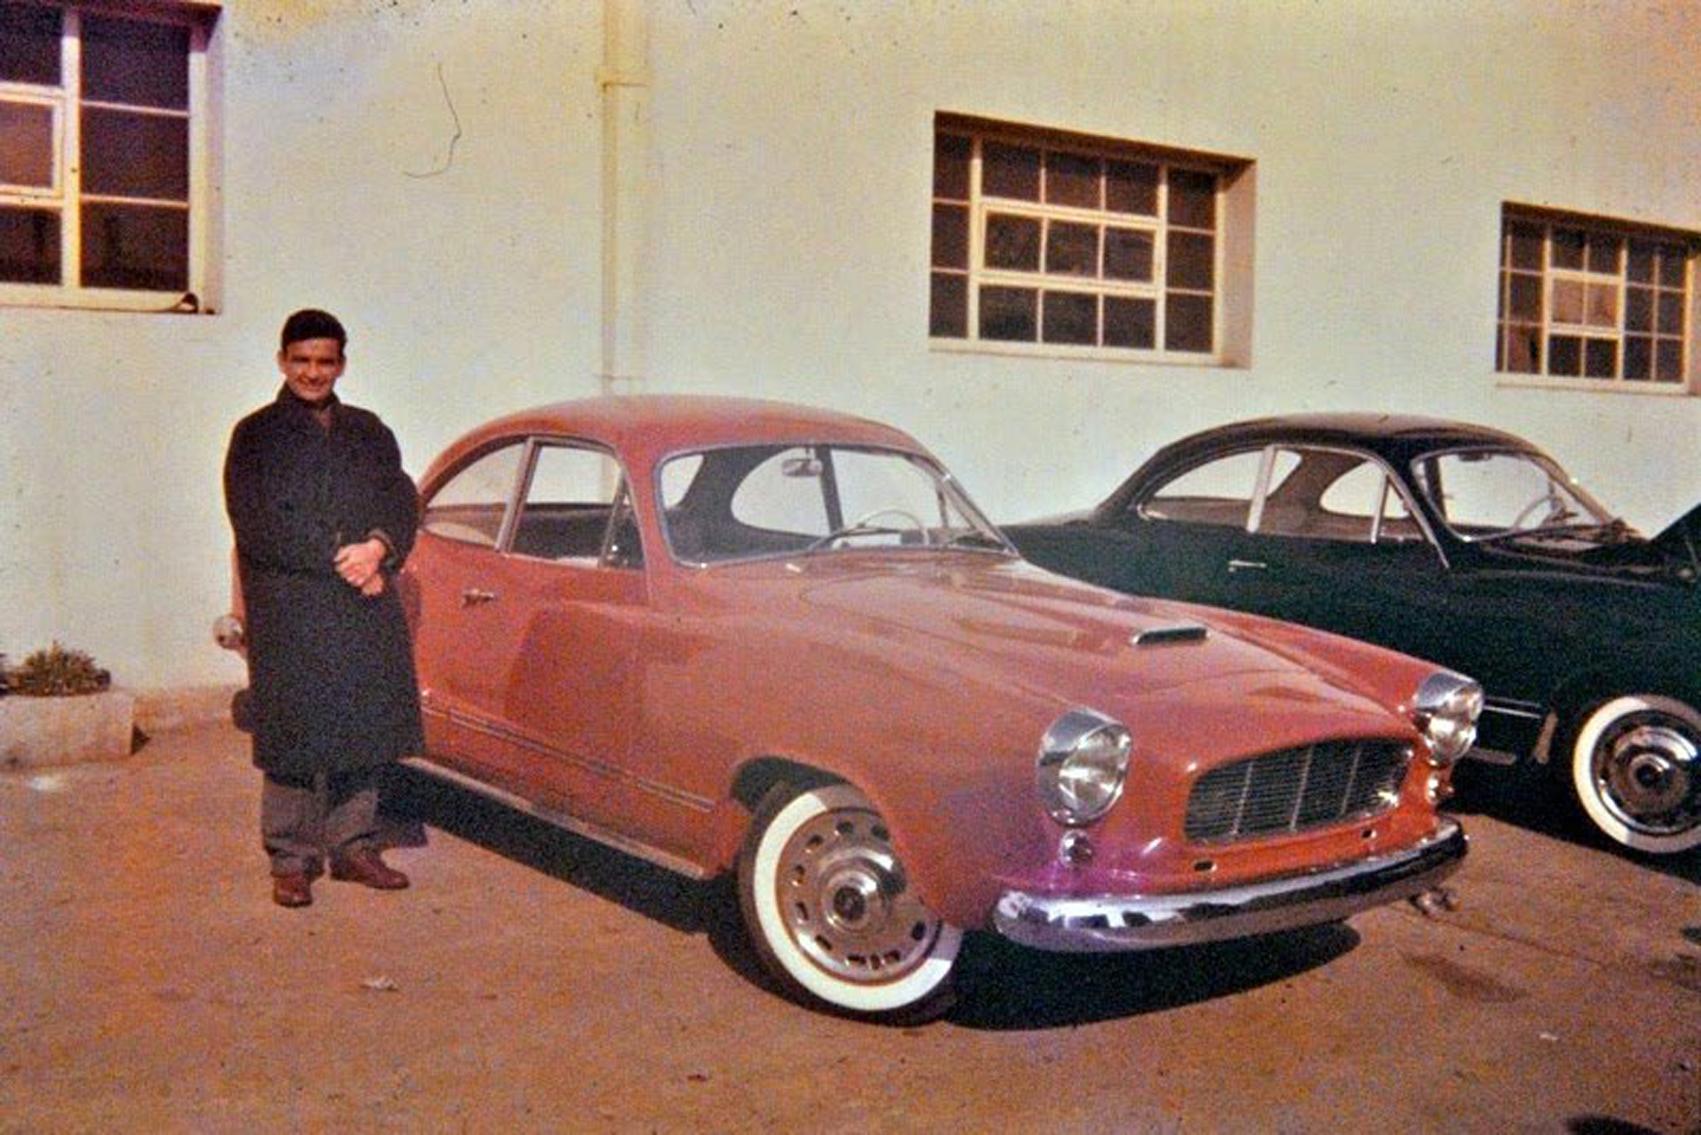 """Enterreno - Fotos históricas de chile - fotos antiguas de Chile - Automovil chileno """"Puma"""" en 1960"""